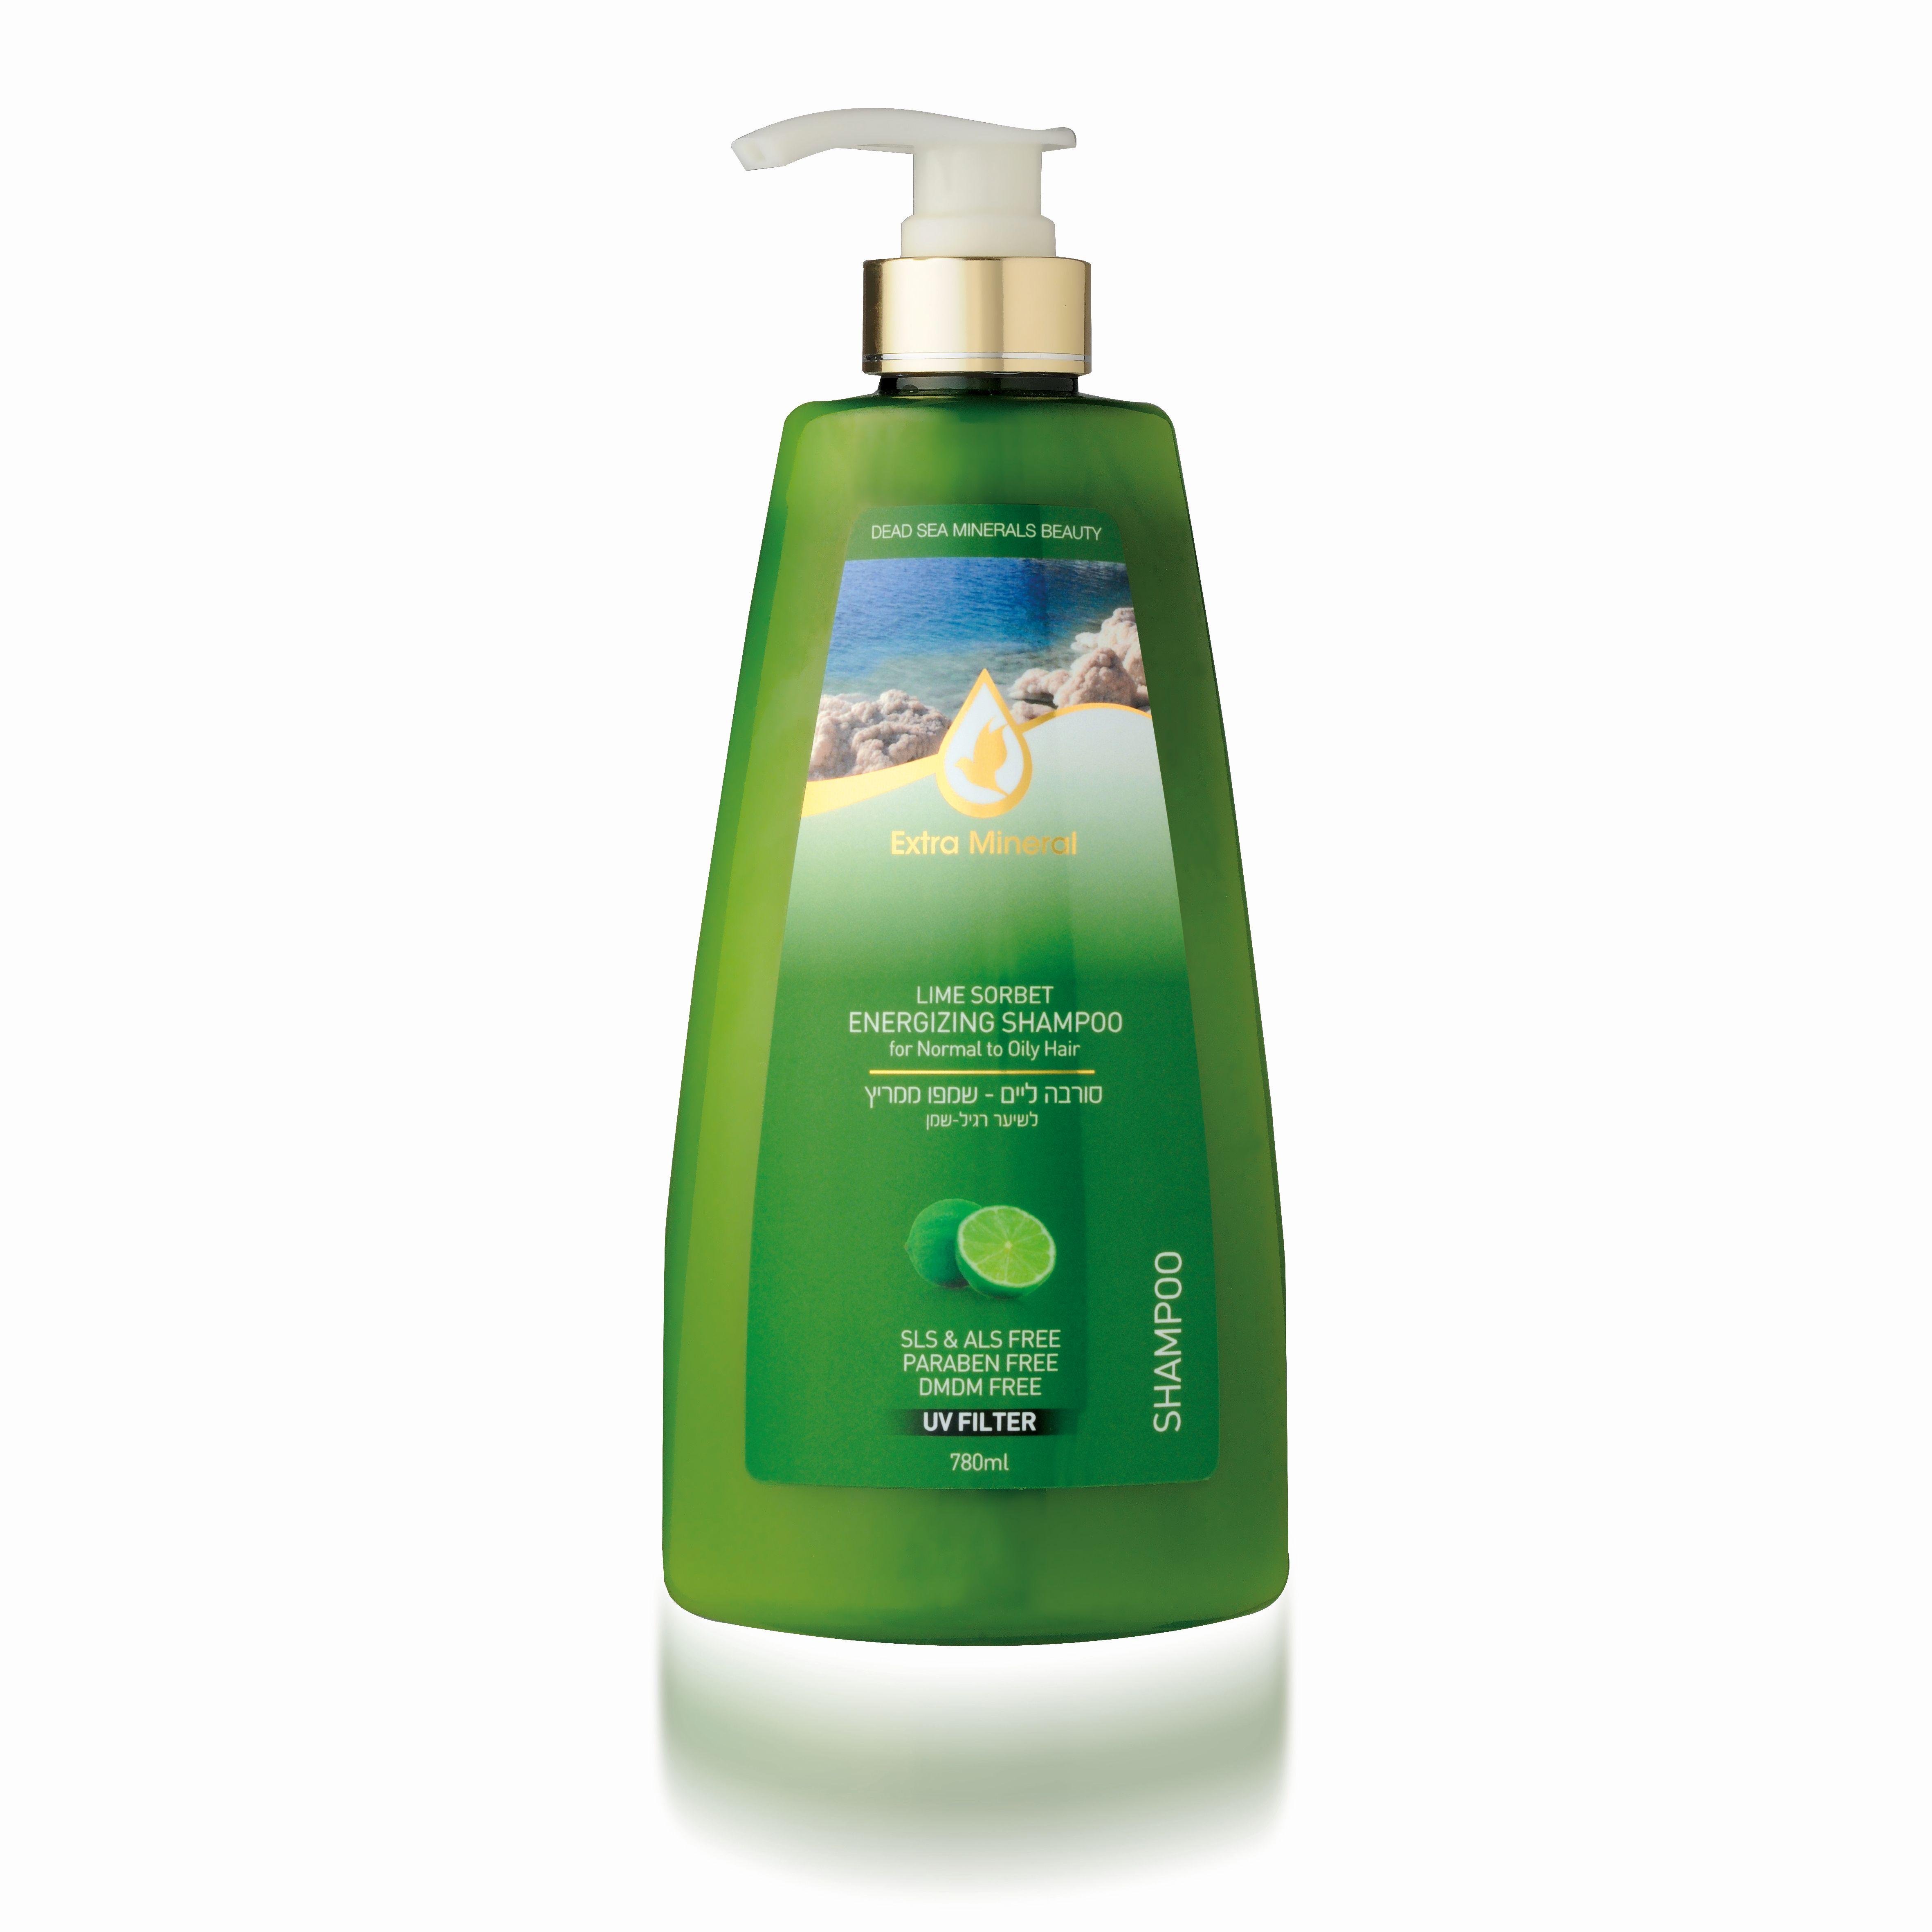 Extra Mineral Шампунь для жирных волос с лаймовым щербетом 780 млEXM2002Шампунь Extra Mineral с лаймовым щербетом, бодрящий, увлажняющий. Обогащен минералами Мертвого моря. Содержит золотой мед, масло жожоба, экстракт лайма, минералы Мертвого моря. В составе содержит UV-фильтр, который защищает волосы от ультра-фиолетовых лучей, очищает волосы от соли, хлора и песка, восстанавливает баланс кожи головы. Волшебное сочетание активных натуральных компонентов благотворно влияет на волосы и кожу головы, волосы увлажняются и питаются, становятся шелковистыми. Нежная легкая пена дает ощущение свежести. Вы сразу почувствуете, как волосы начинают дышать, а изысканный аромат лайма не оставит вас равнодушным и даст заряд бодрости на целый день! Благодаря активному действию минералов Мертвого моря волосы насыщаются необходимыми минералами, волосы оздоравливается, улучшается их внешний вид; улучшается клеточный метаболизм кожи головы и лица, стимулируется синтез белка, повышается регенерация клеток. Минералы обладают сильными антиаллергенными свойствами и являются...